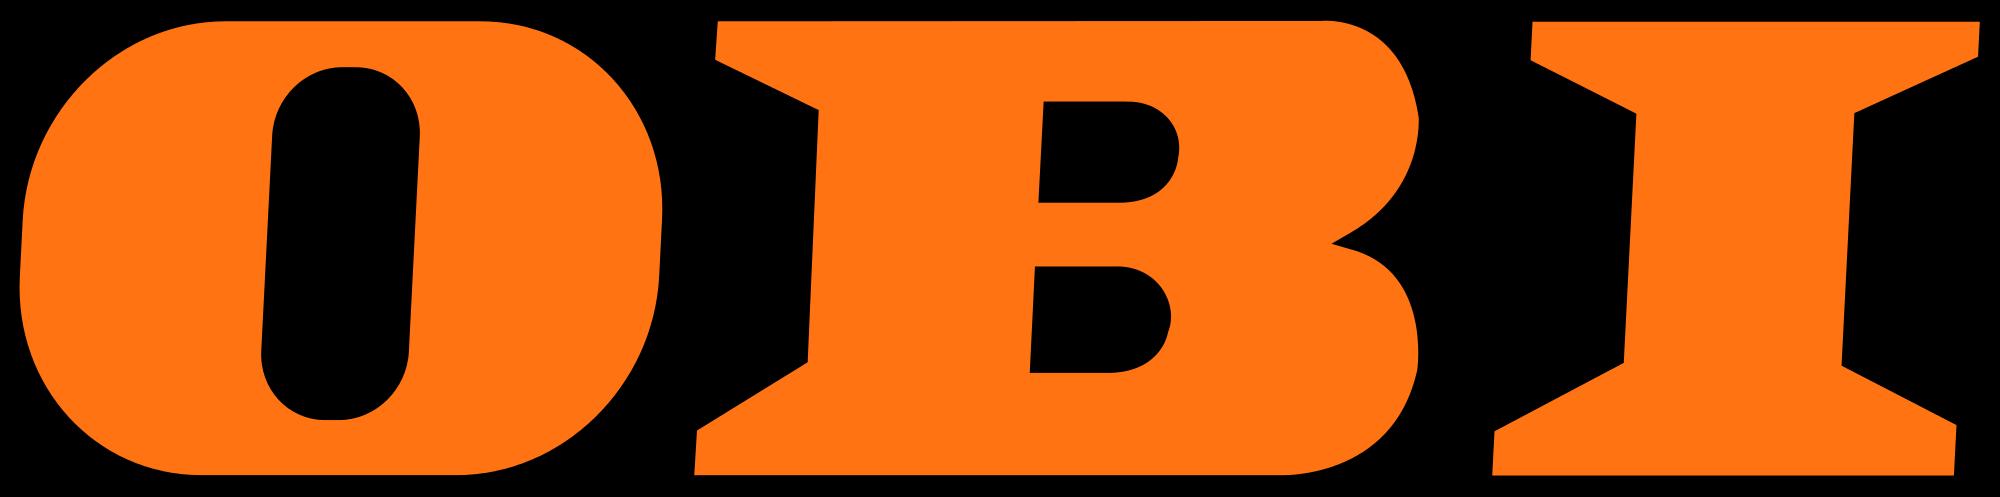 Obi Baumarkt Der Marktführer In Deutschland Elektrowerkzeug